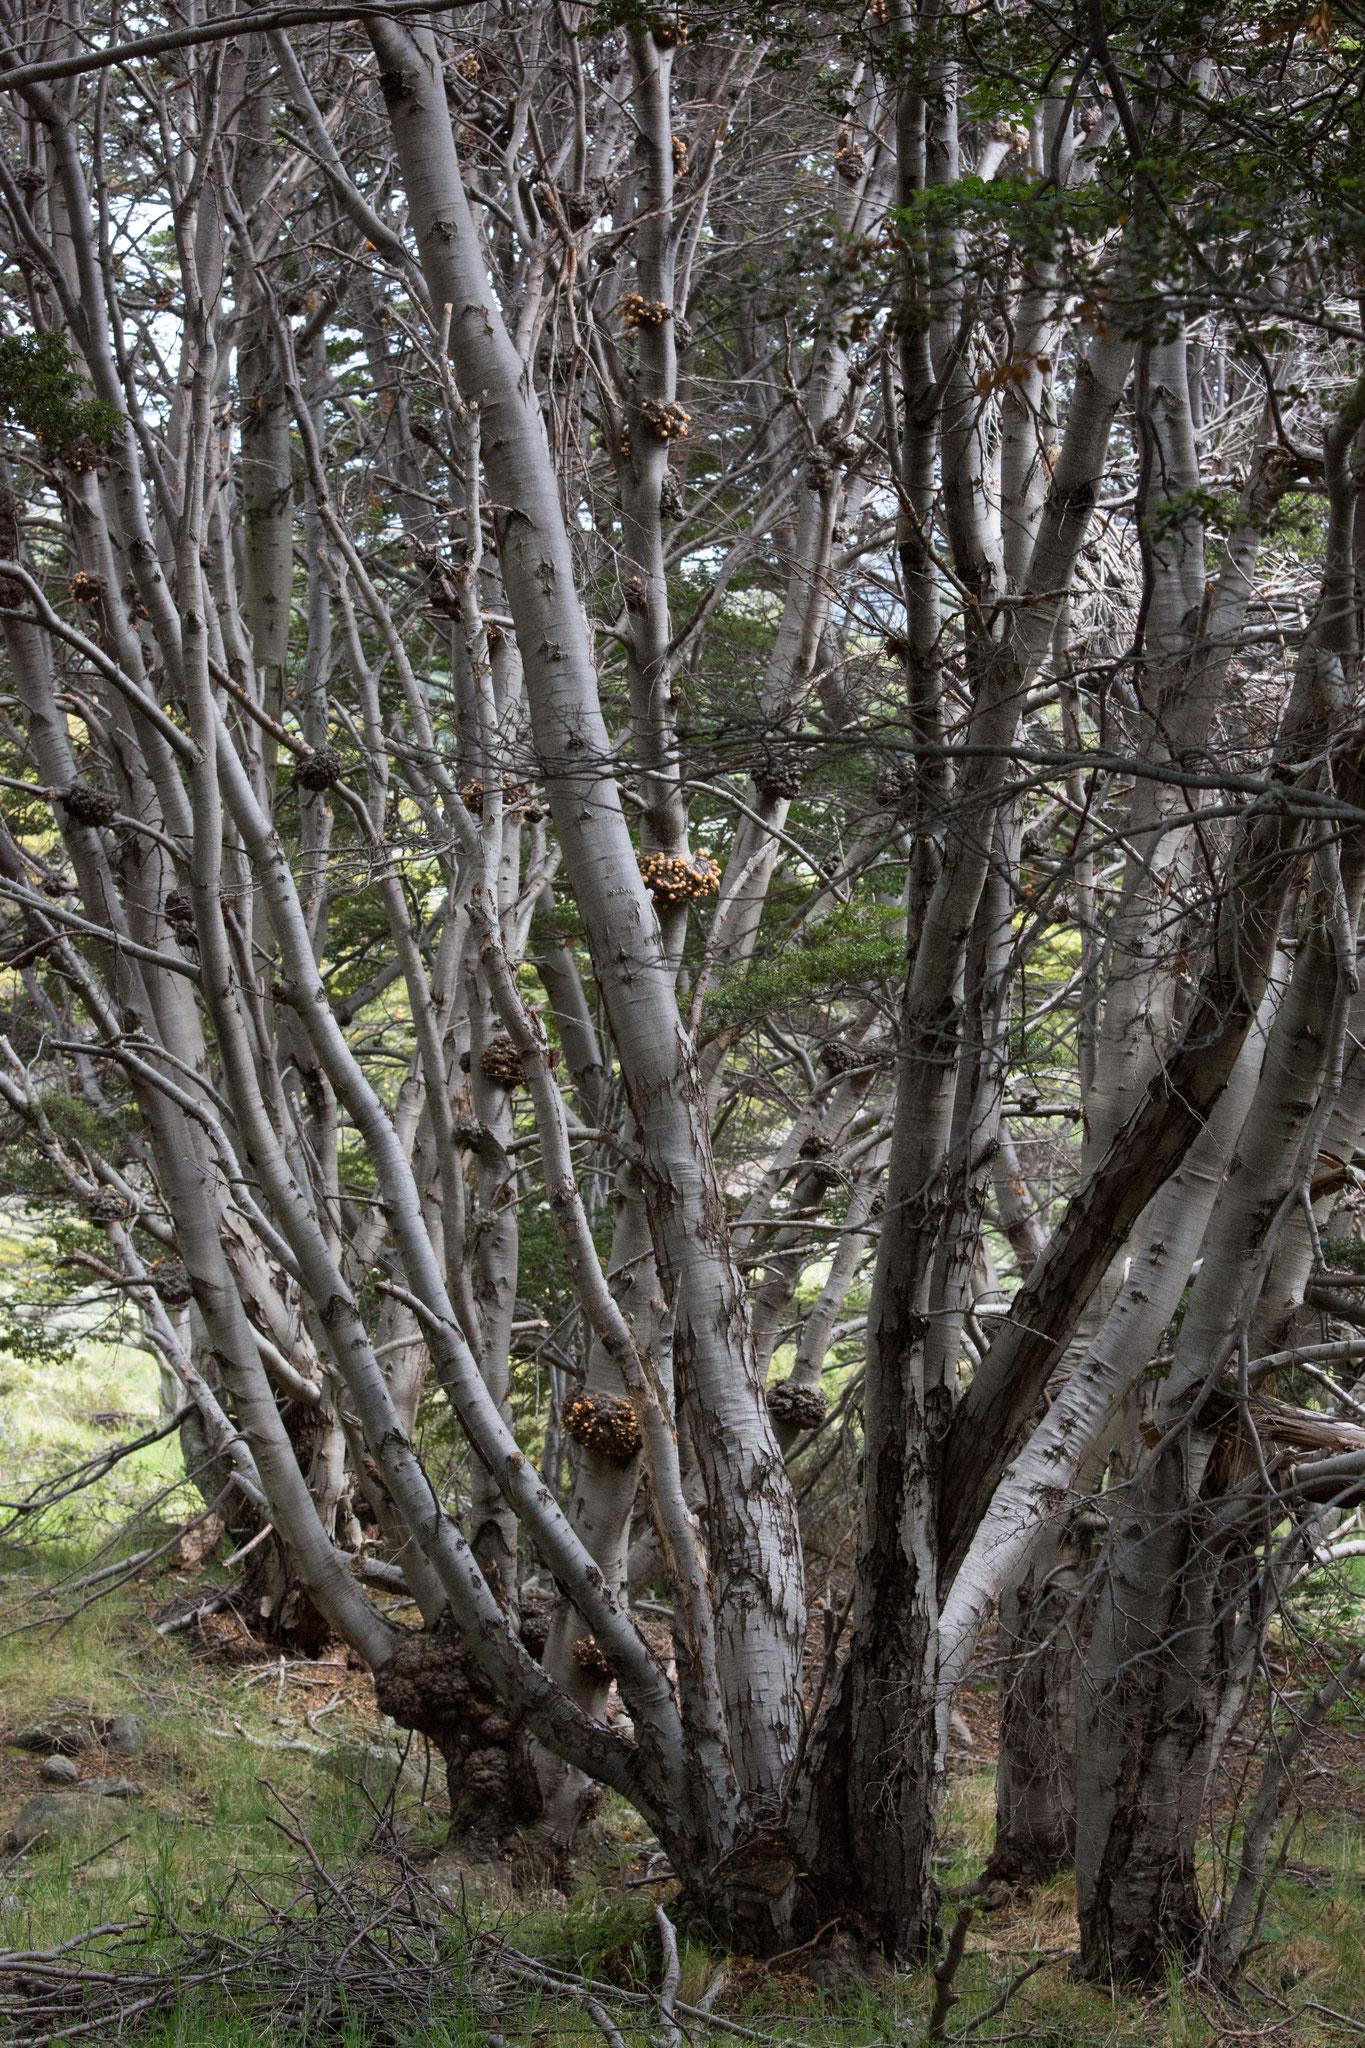 Dihueñes-Cyttaria darwini - gelber Pilz der an den Südbuchen (Nothofagus betuloides) wächst und gegessen werden kann. Schmeckt allerdings nach nichts.